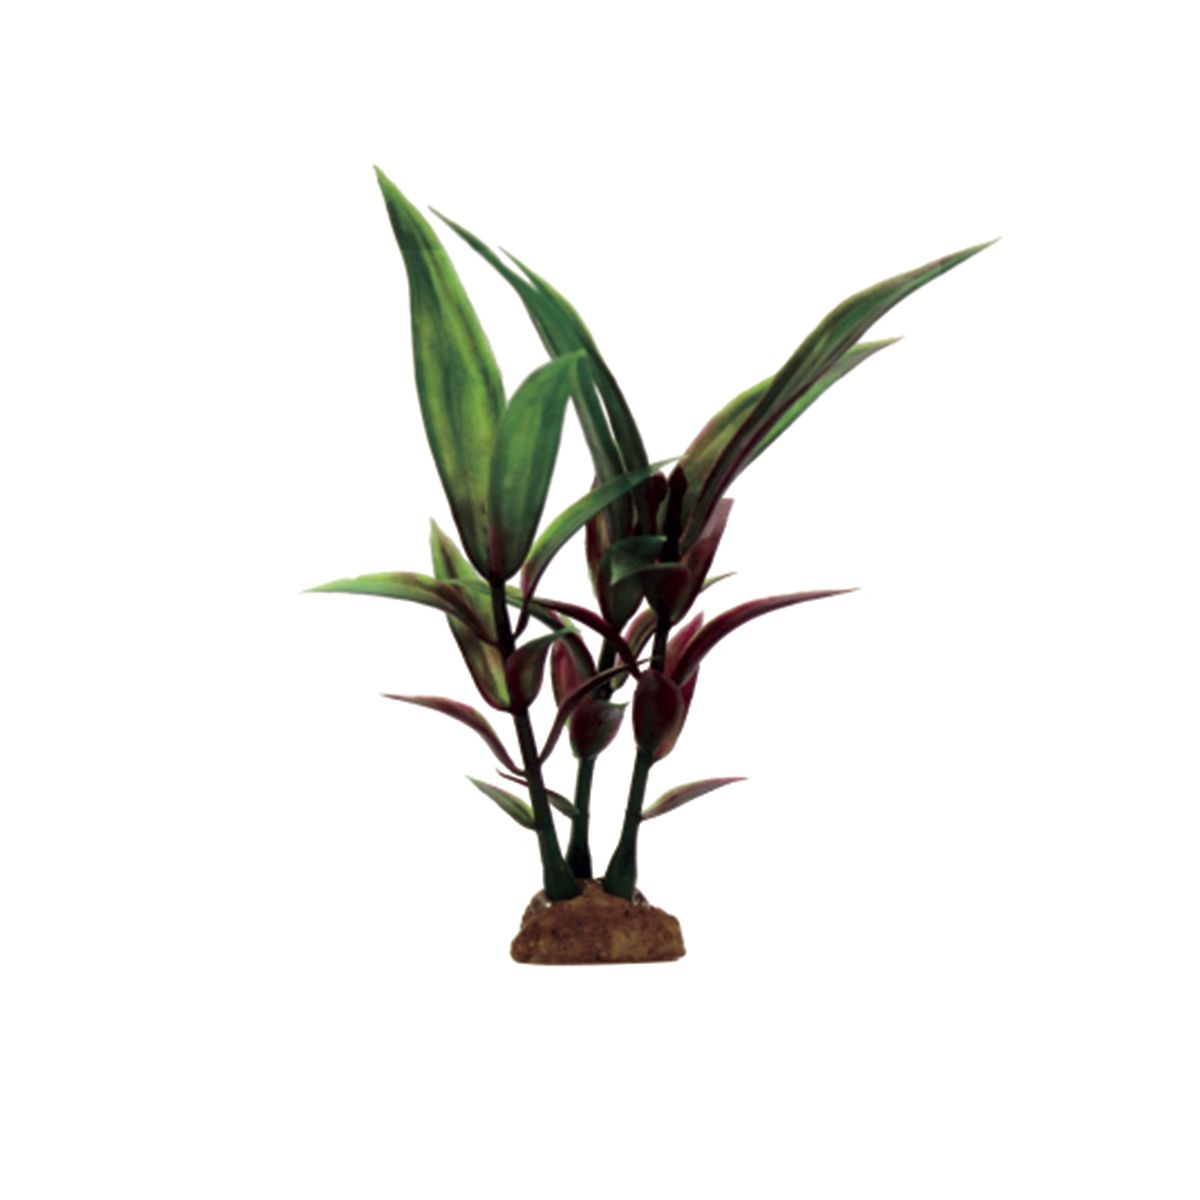 Растение для аквариума ArtUniq Гигрофила сиамская красная, высота 10 см, 6 шт3348Композиция из искусственных растений ArtUniq превосходно украсит и оживит аквариум.Растения - это важная часть любой композиции, они помогут вдохнуть жизнь в ландшафт любого аквариума или террариума. А их сходствос природными порадует даже самых взыскательных ценителей.